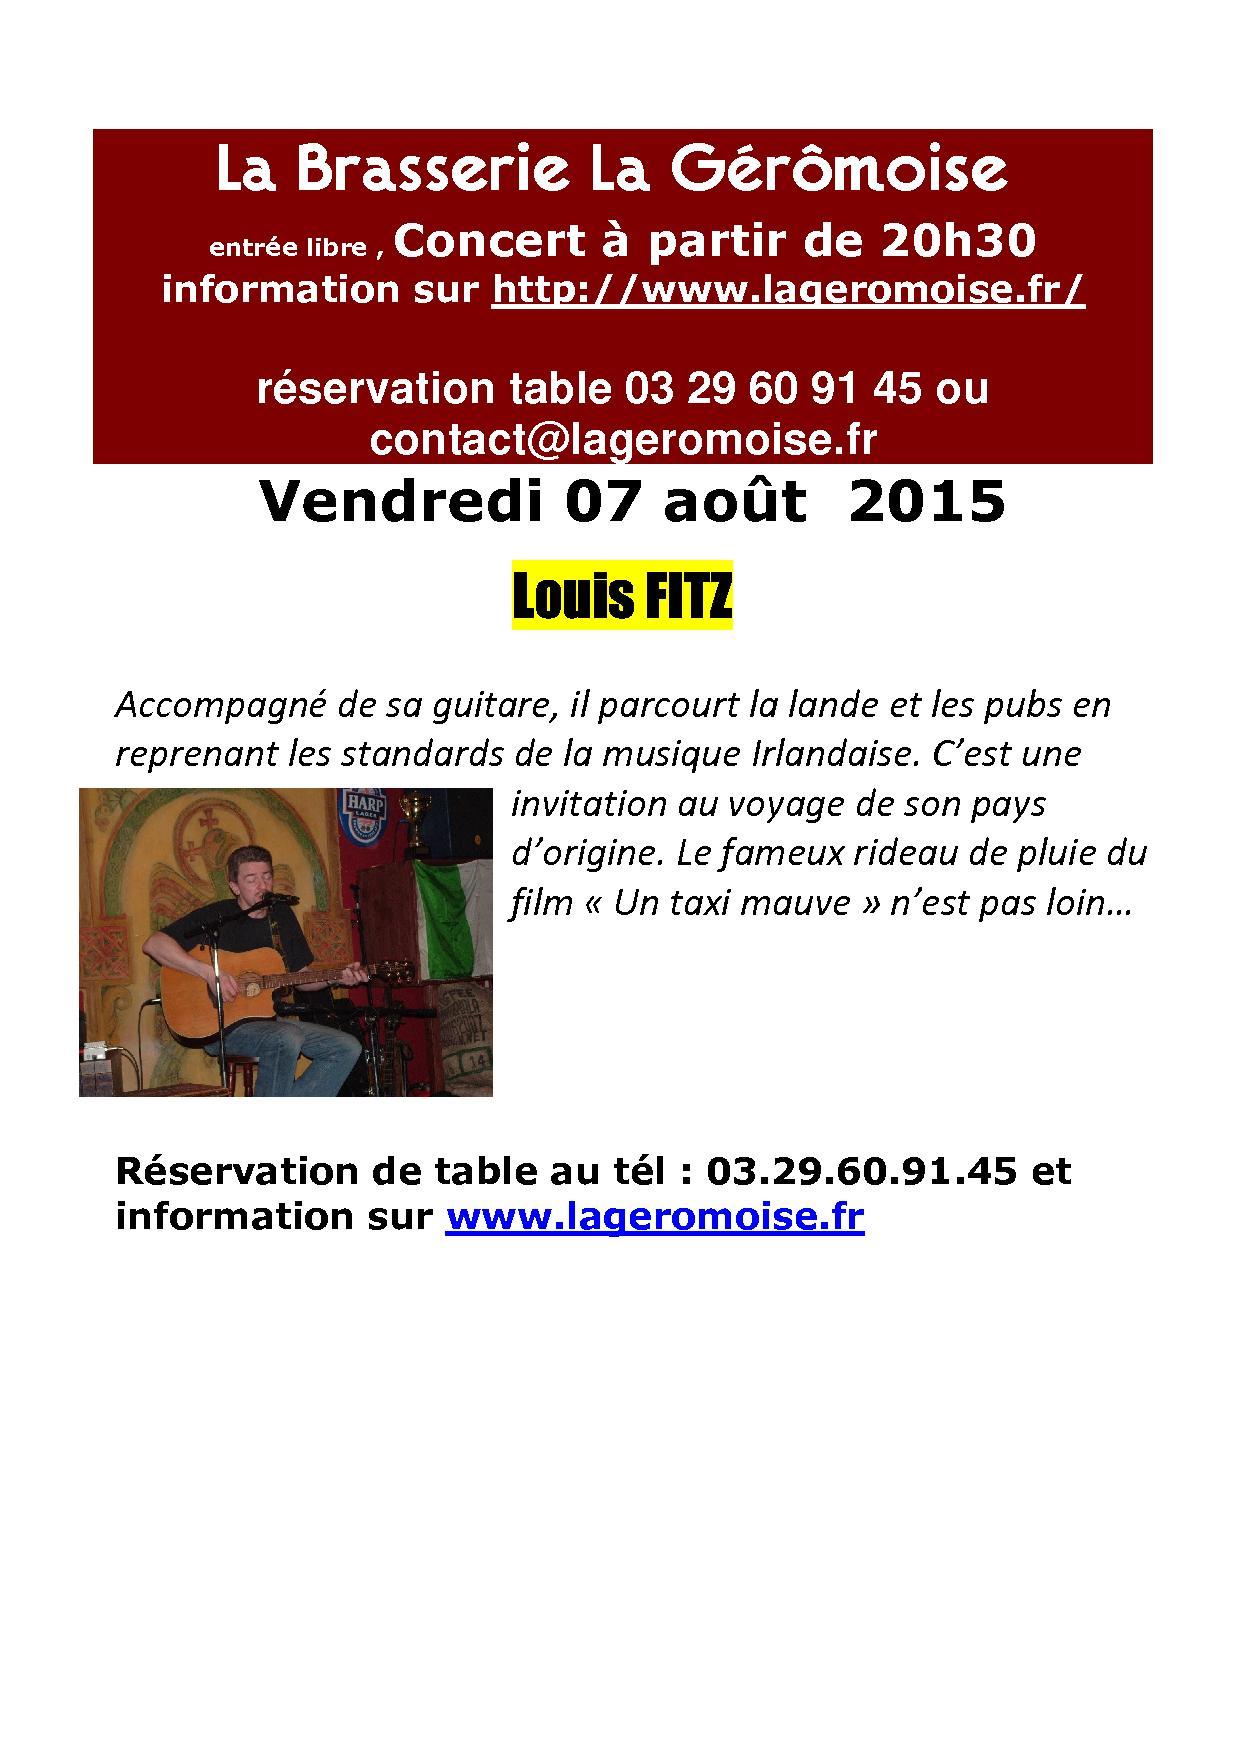 concert-7-aout-2015-folk-louis-fitz.jpg